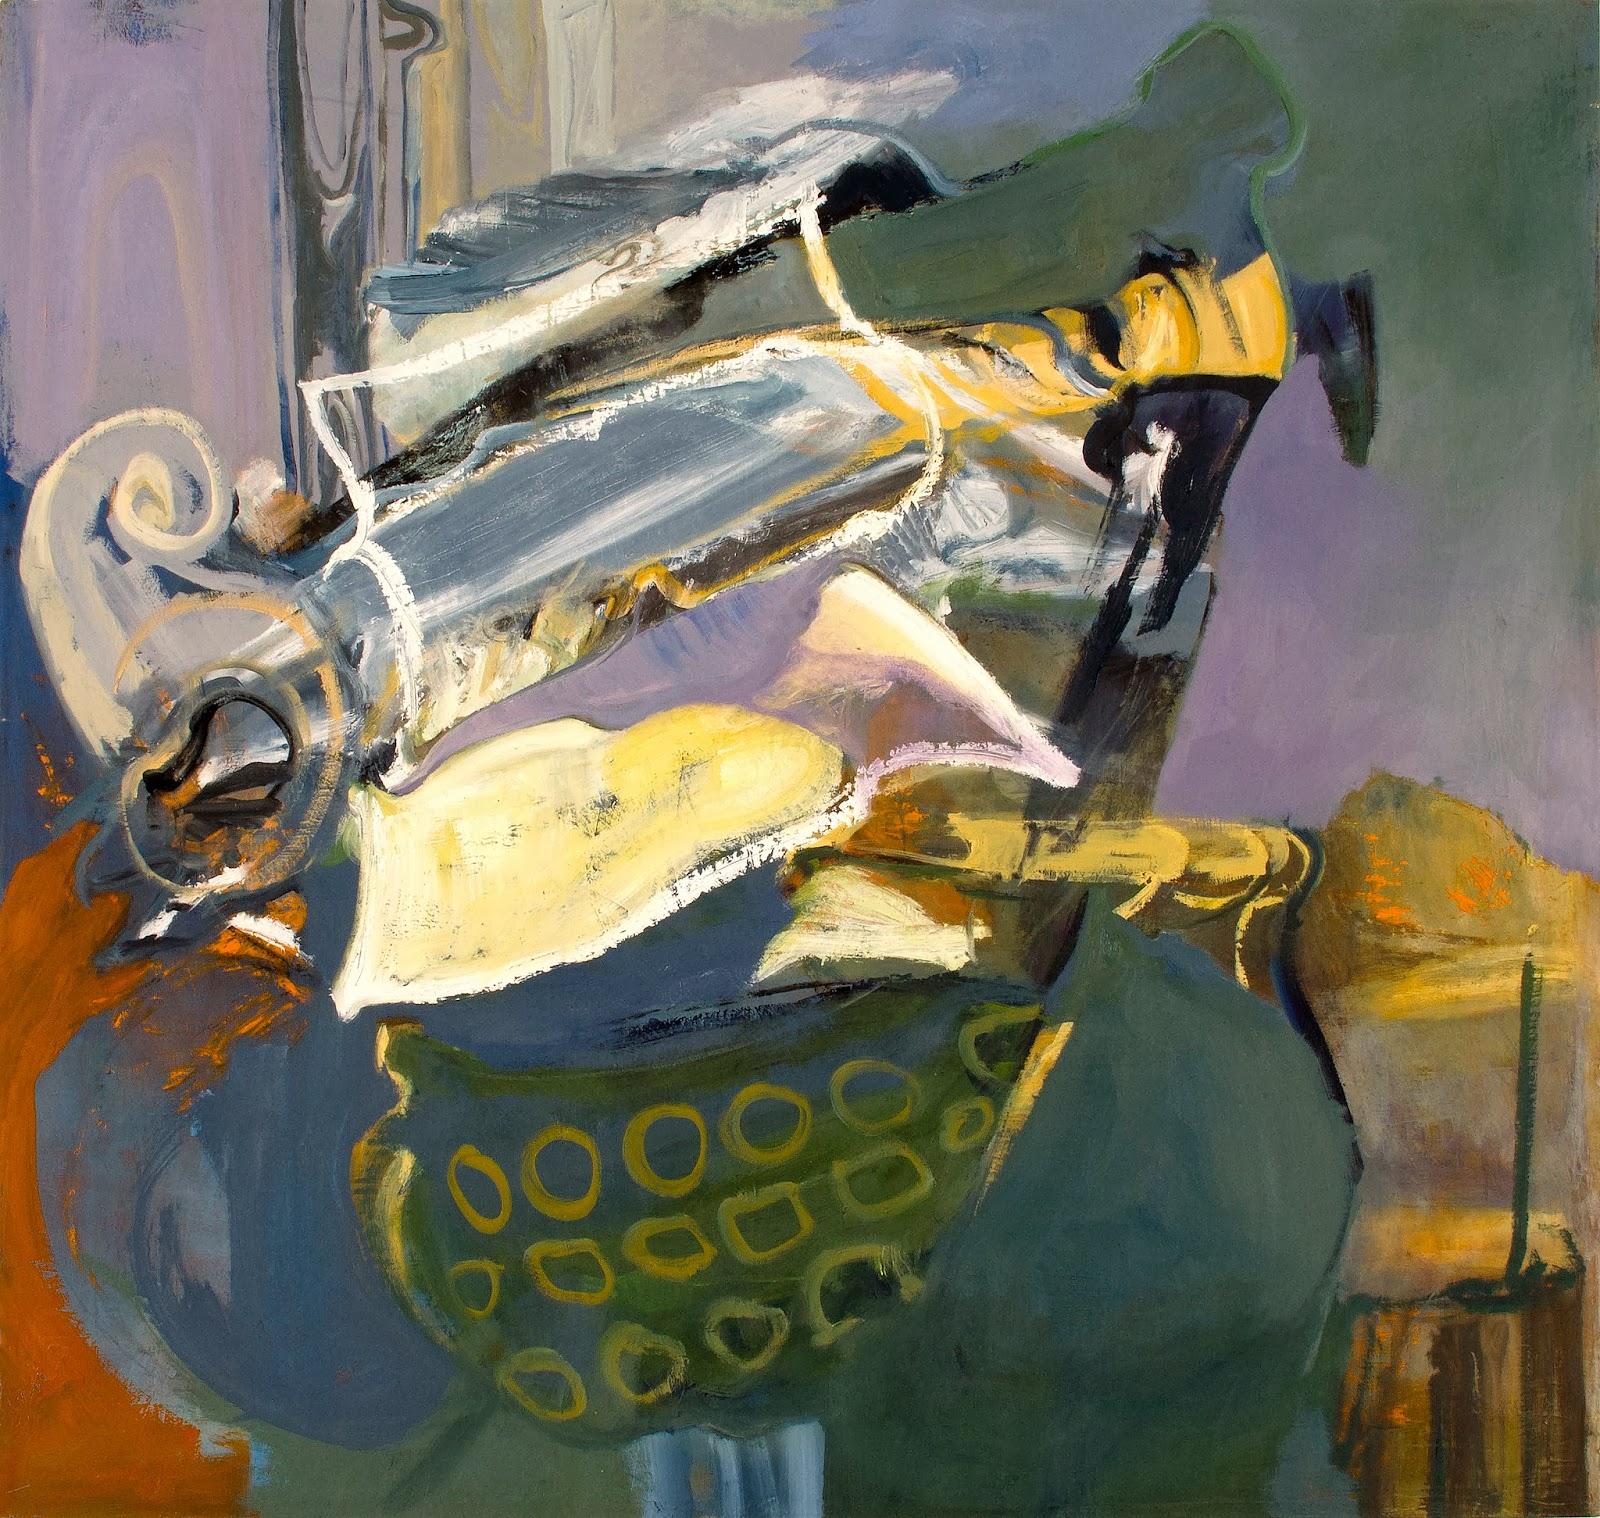 Ashley Garrett, Flood, 2013, oil on canvas, 36 x 34 inches (courtesy of the arti